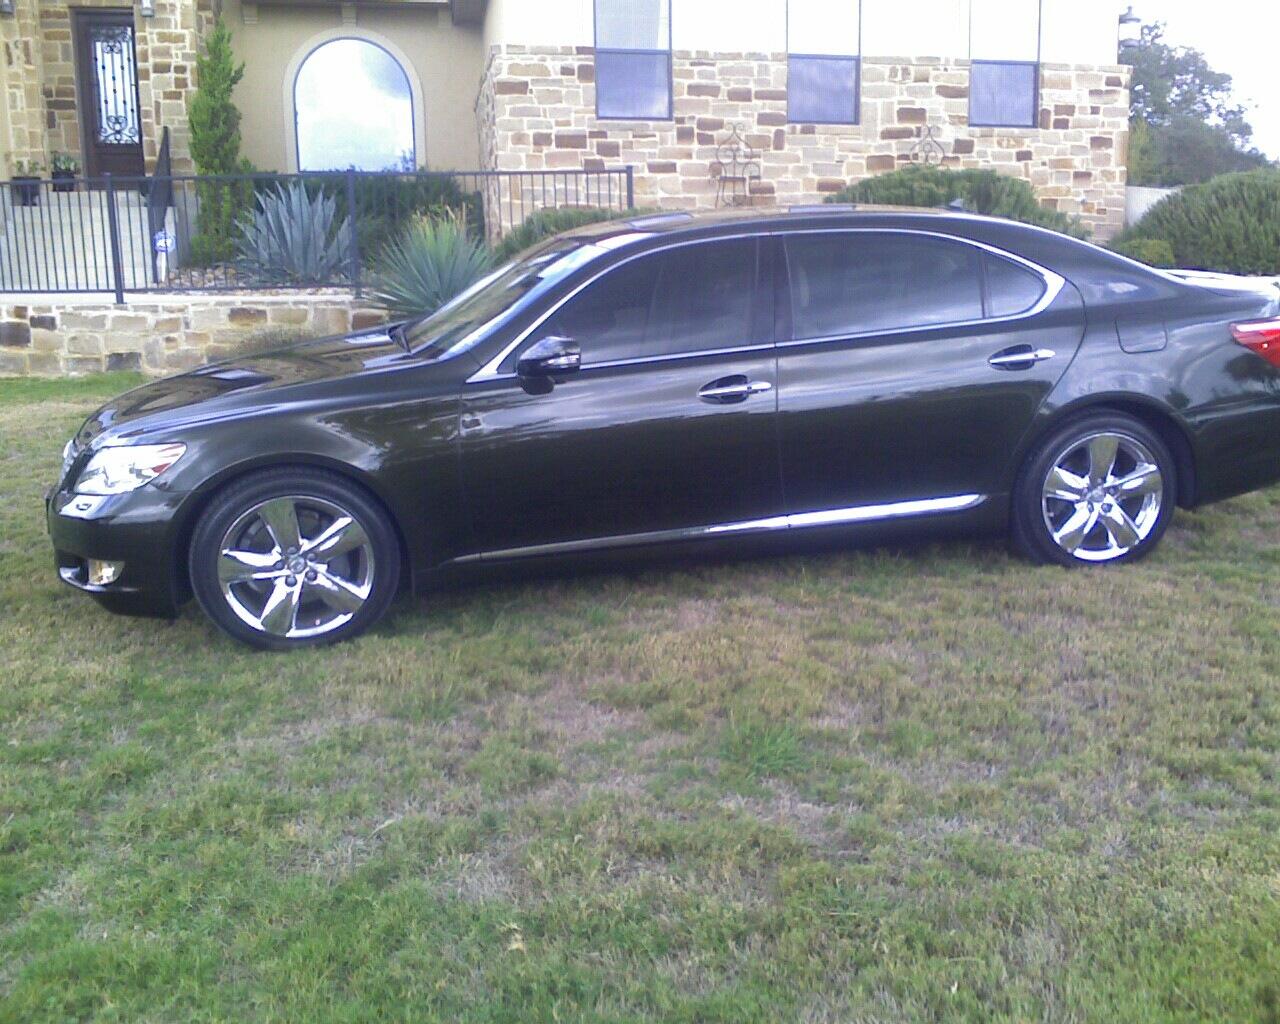 Picture of 2010 lexus ls 460 l exterior